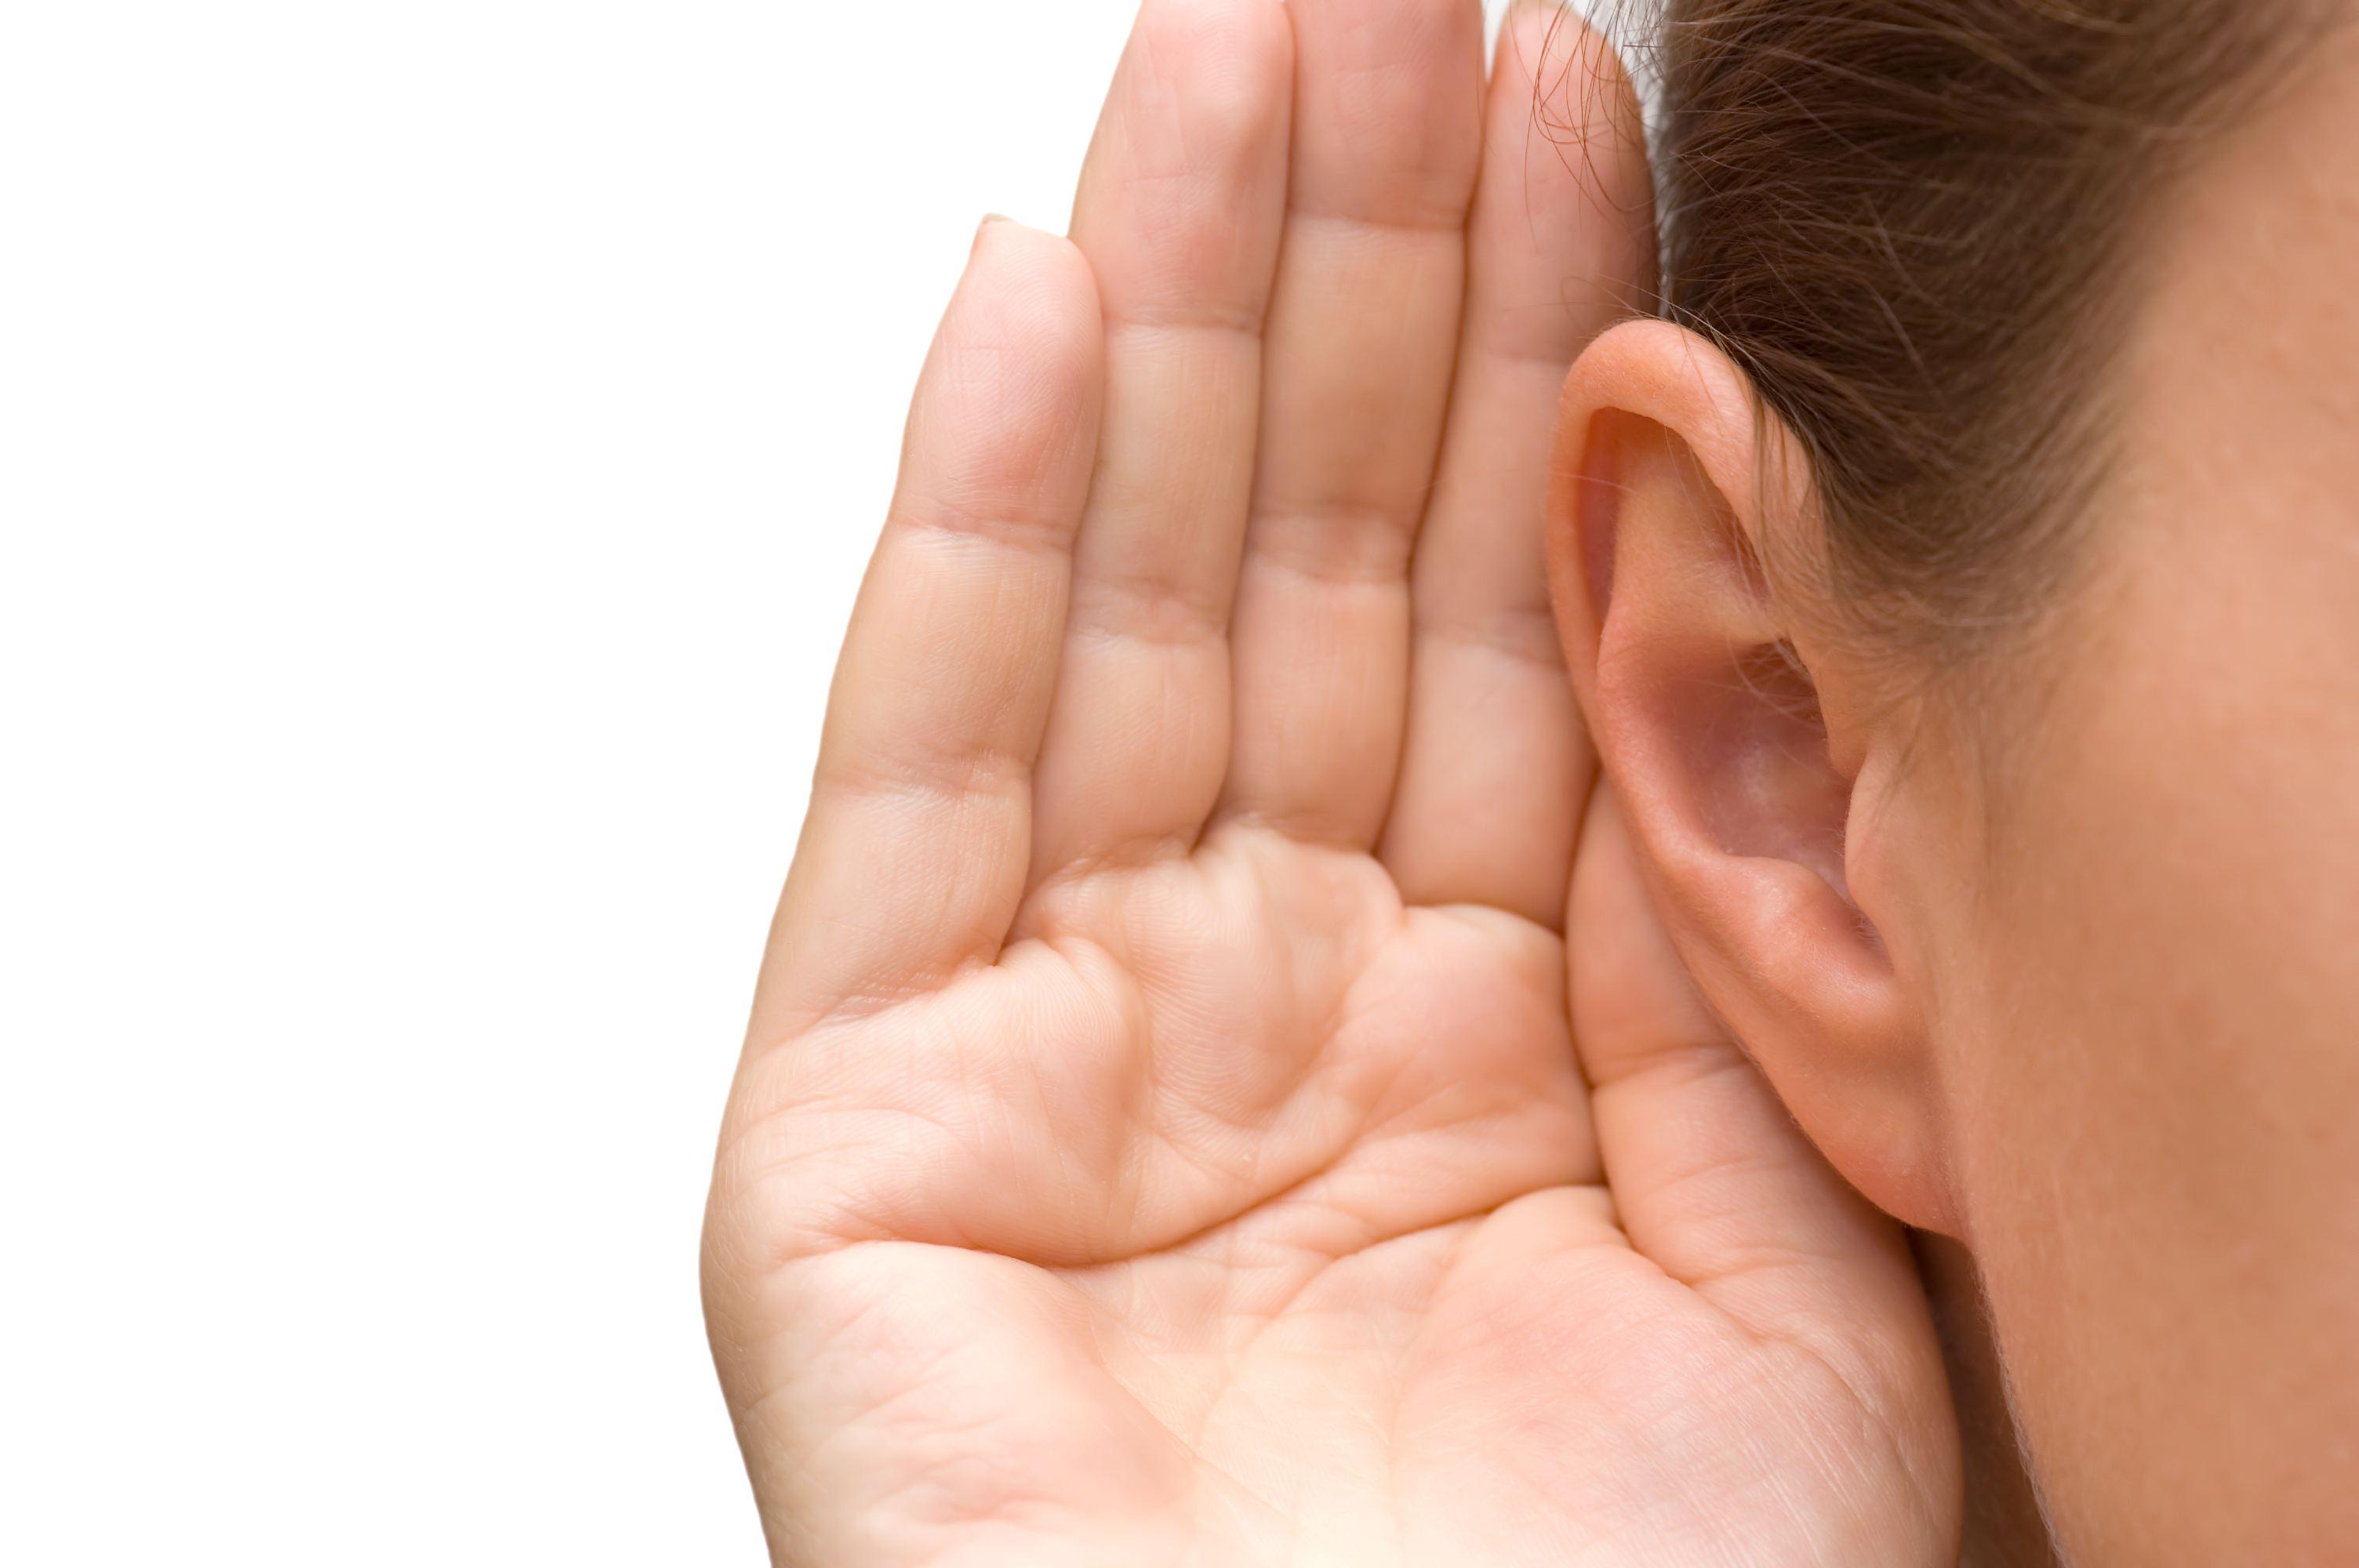 Two ears clip art. Whisper clipart in ear